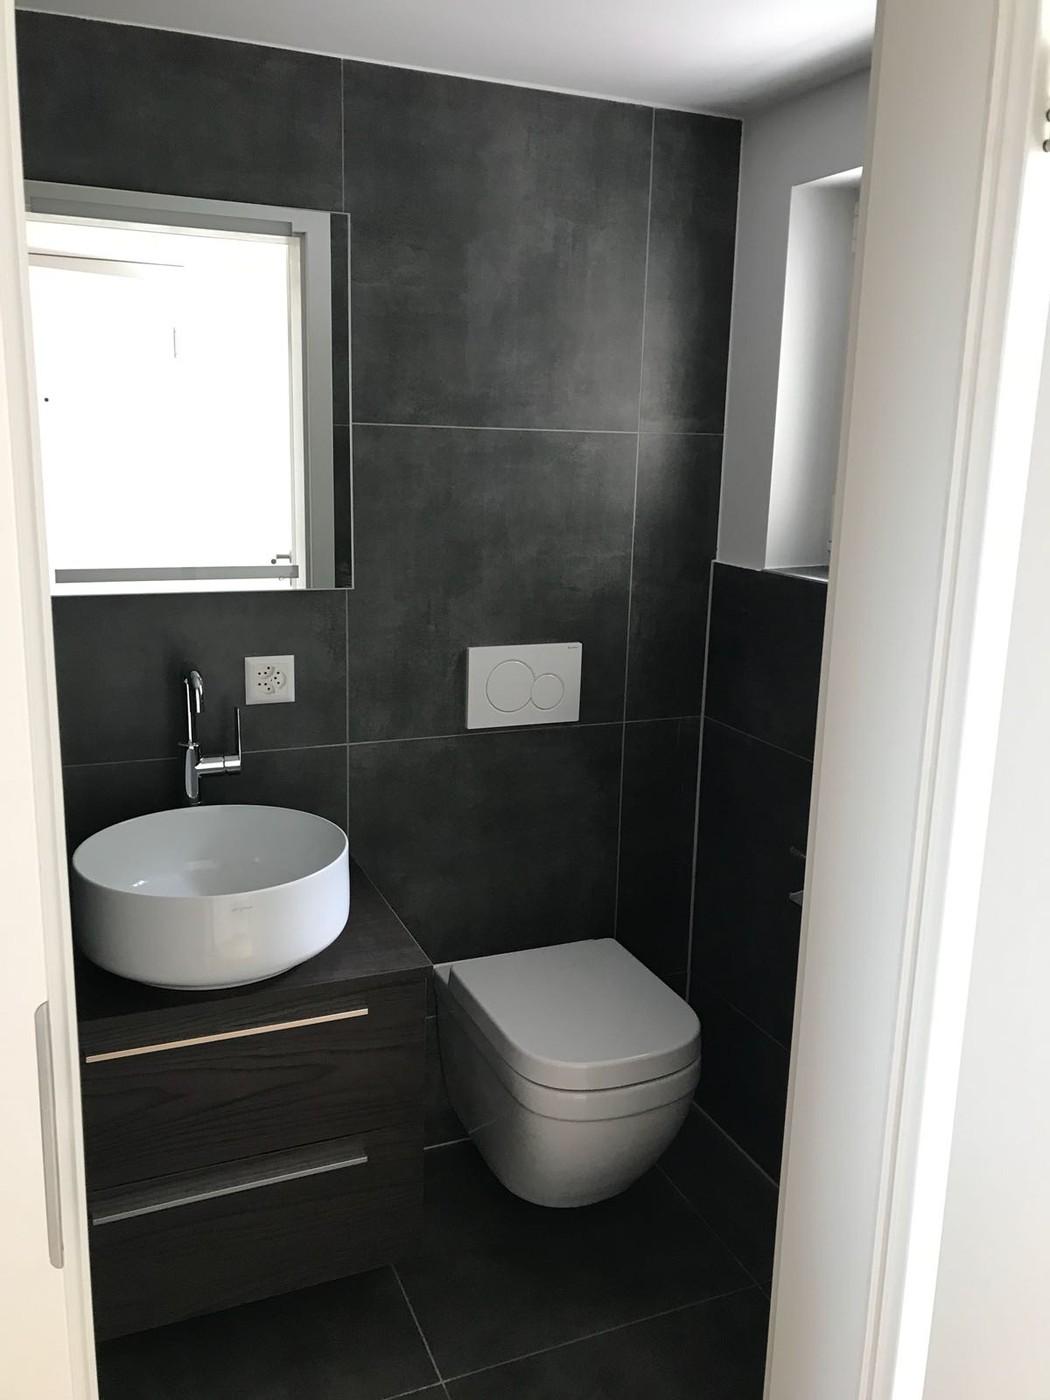 1 zimmer wohnung in schaffhausen mieten flatfox. Black Bedroom Furniture Sets. Home Design Ideas